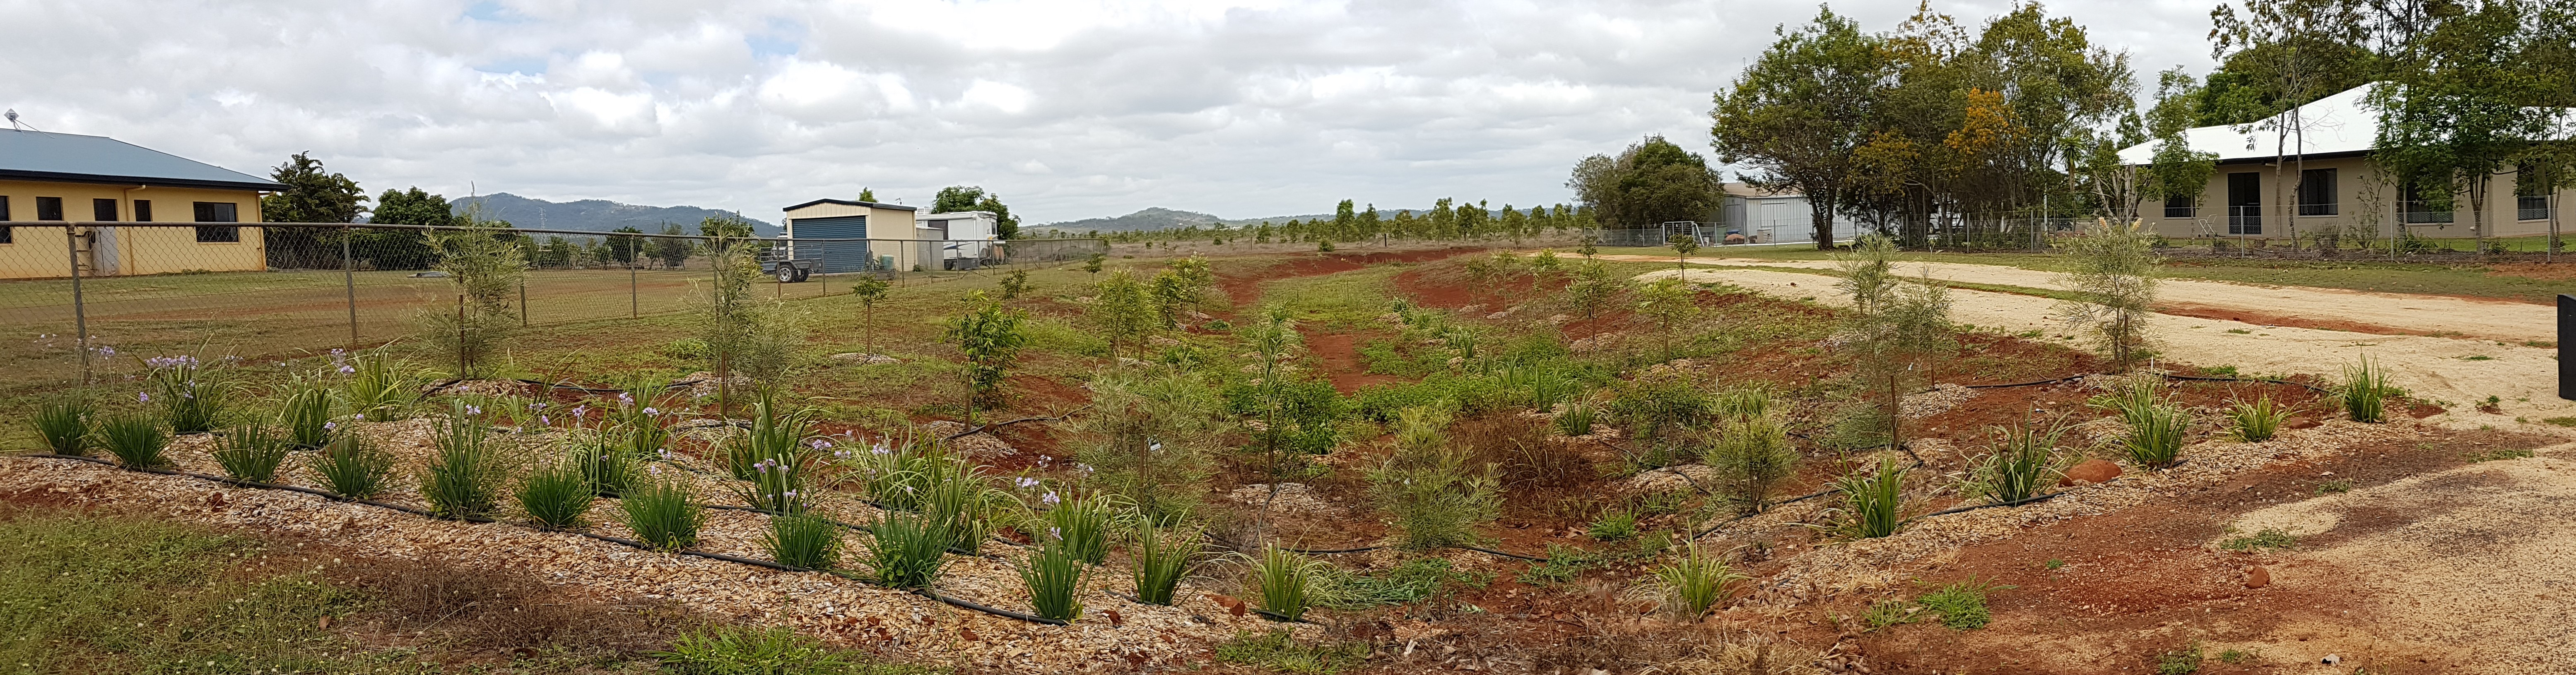 landscaping 1v2